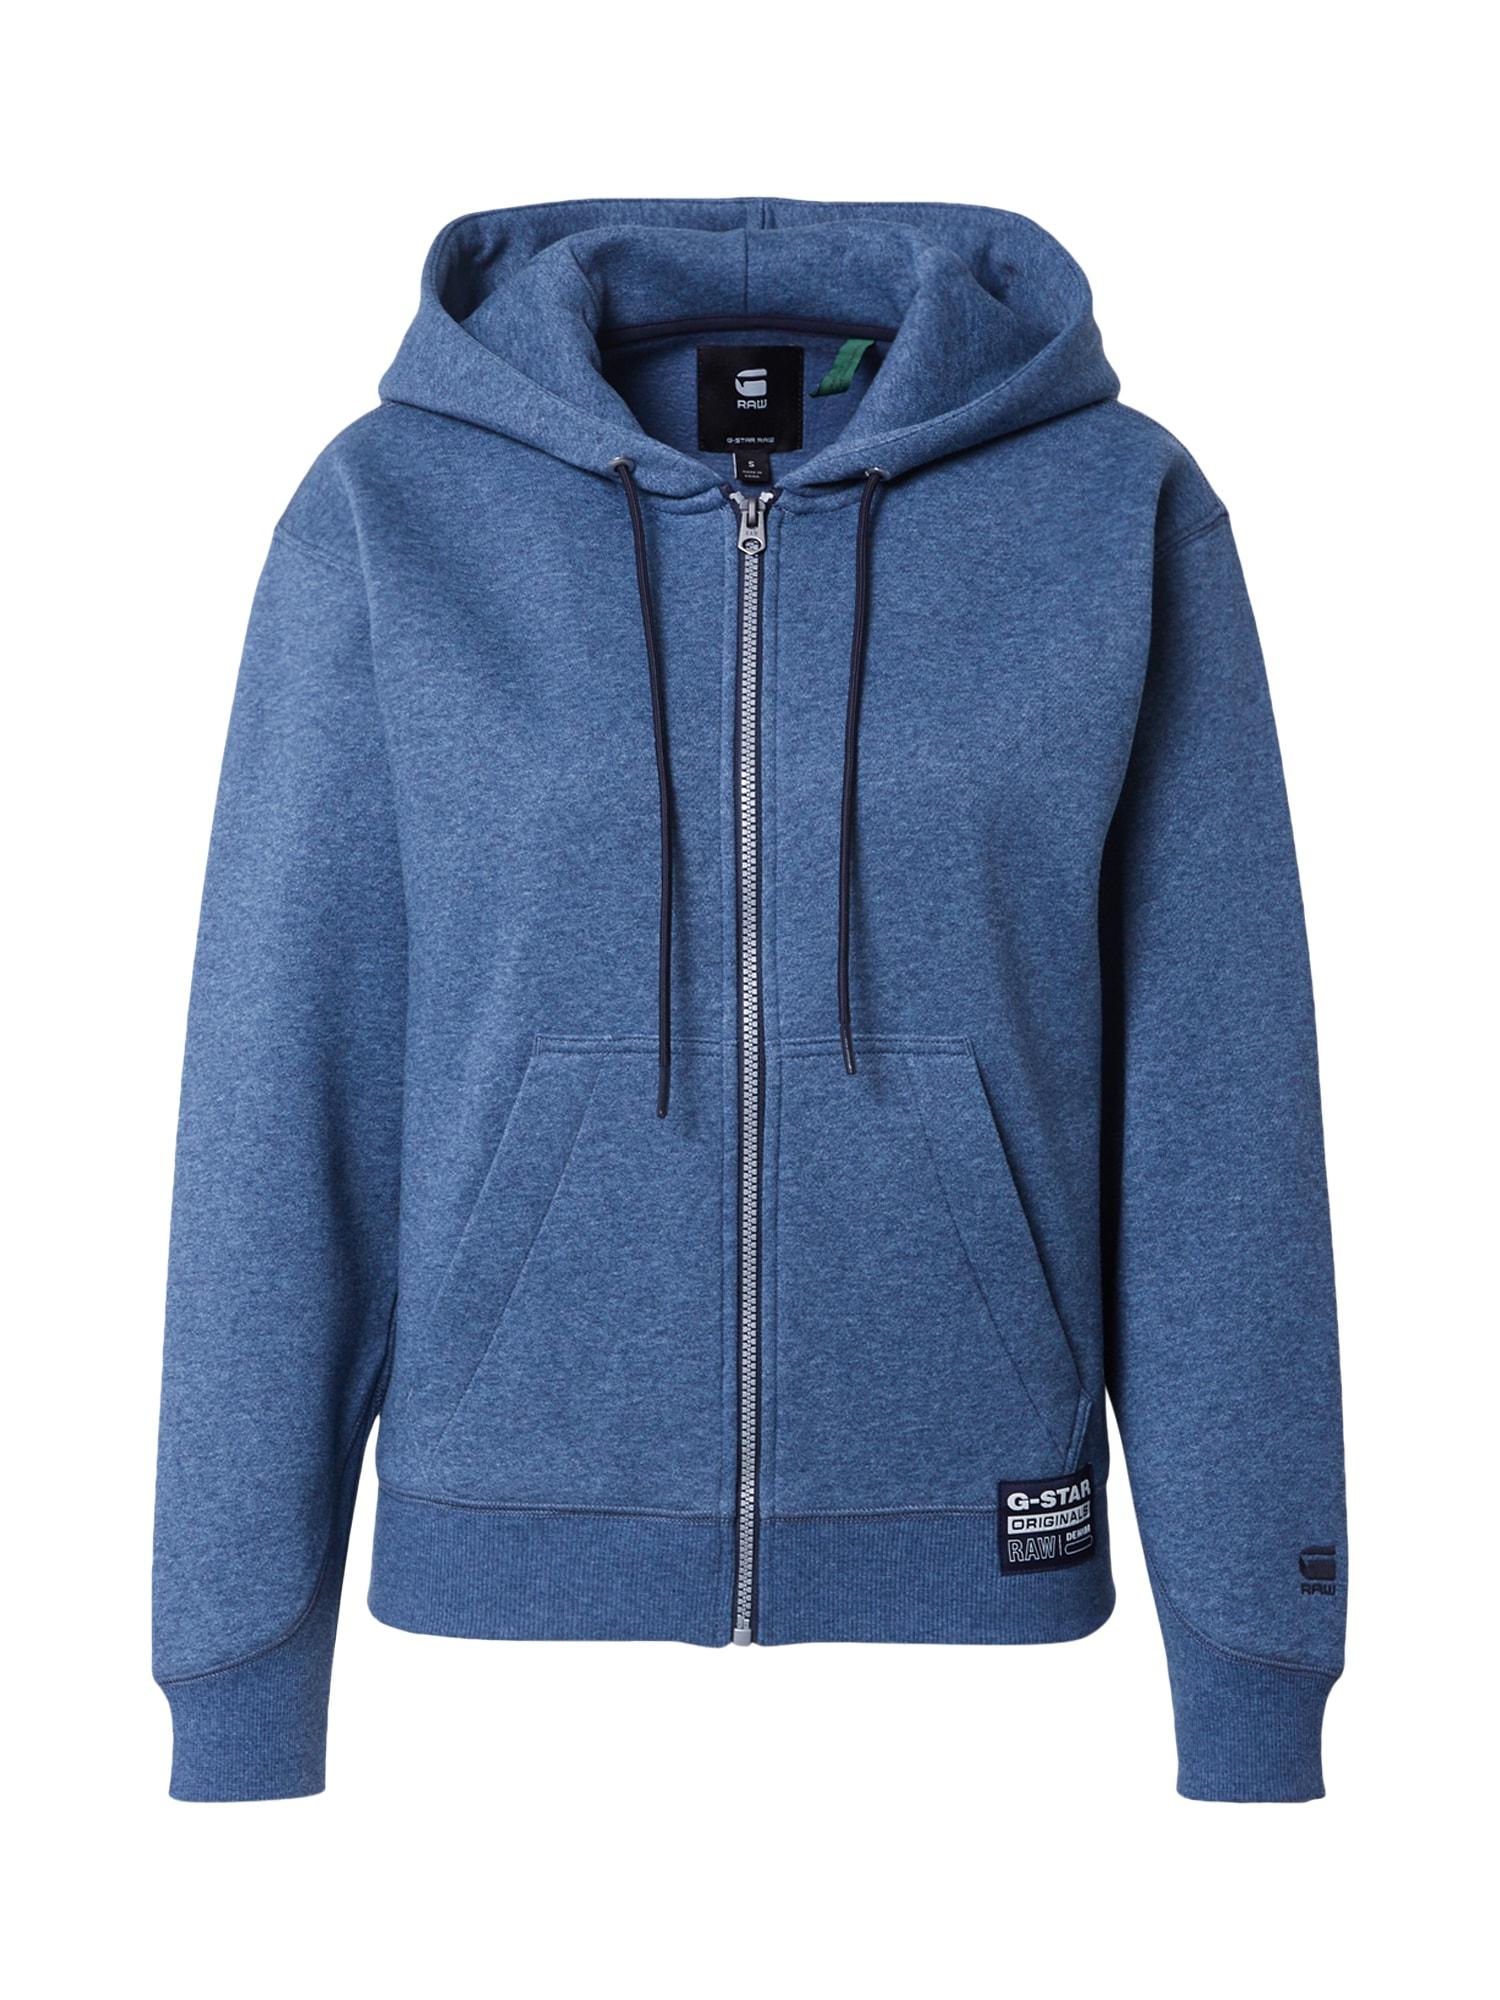 G-Star RAW Džemperis kobalto mėlyna